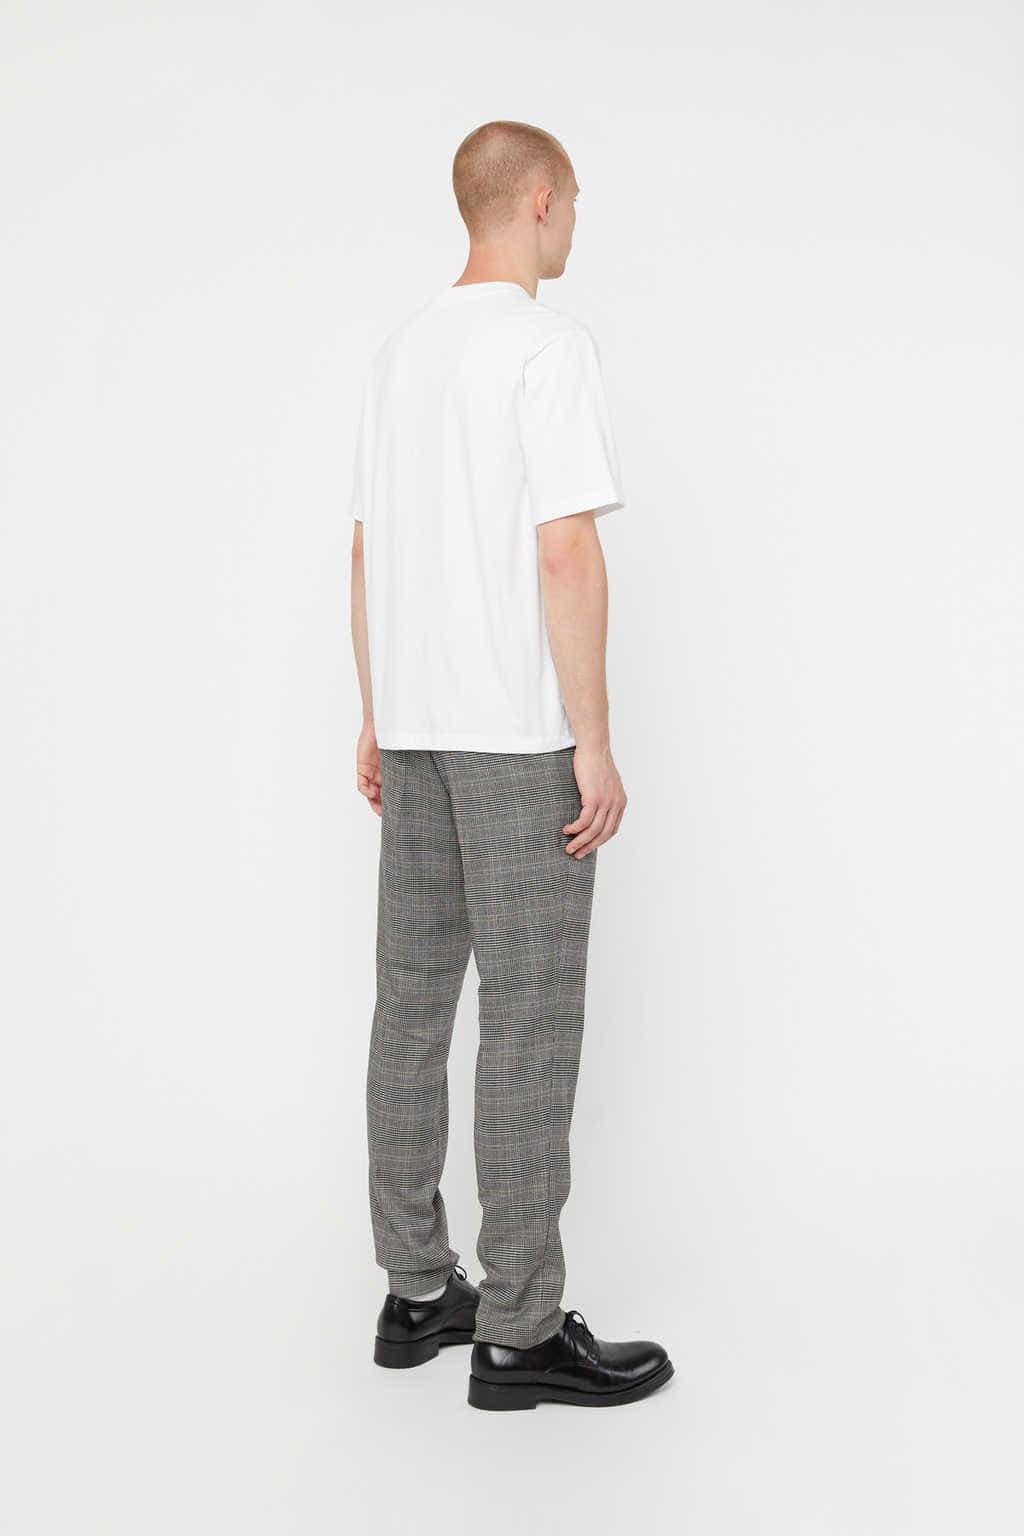 TShirt 3192 White 7